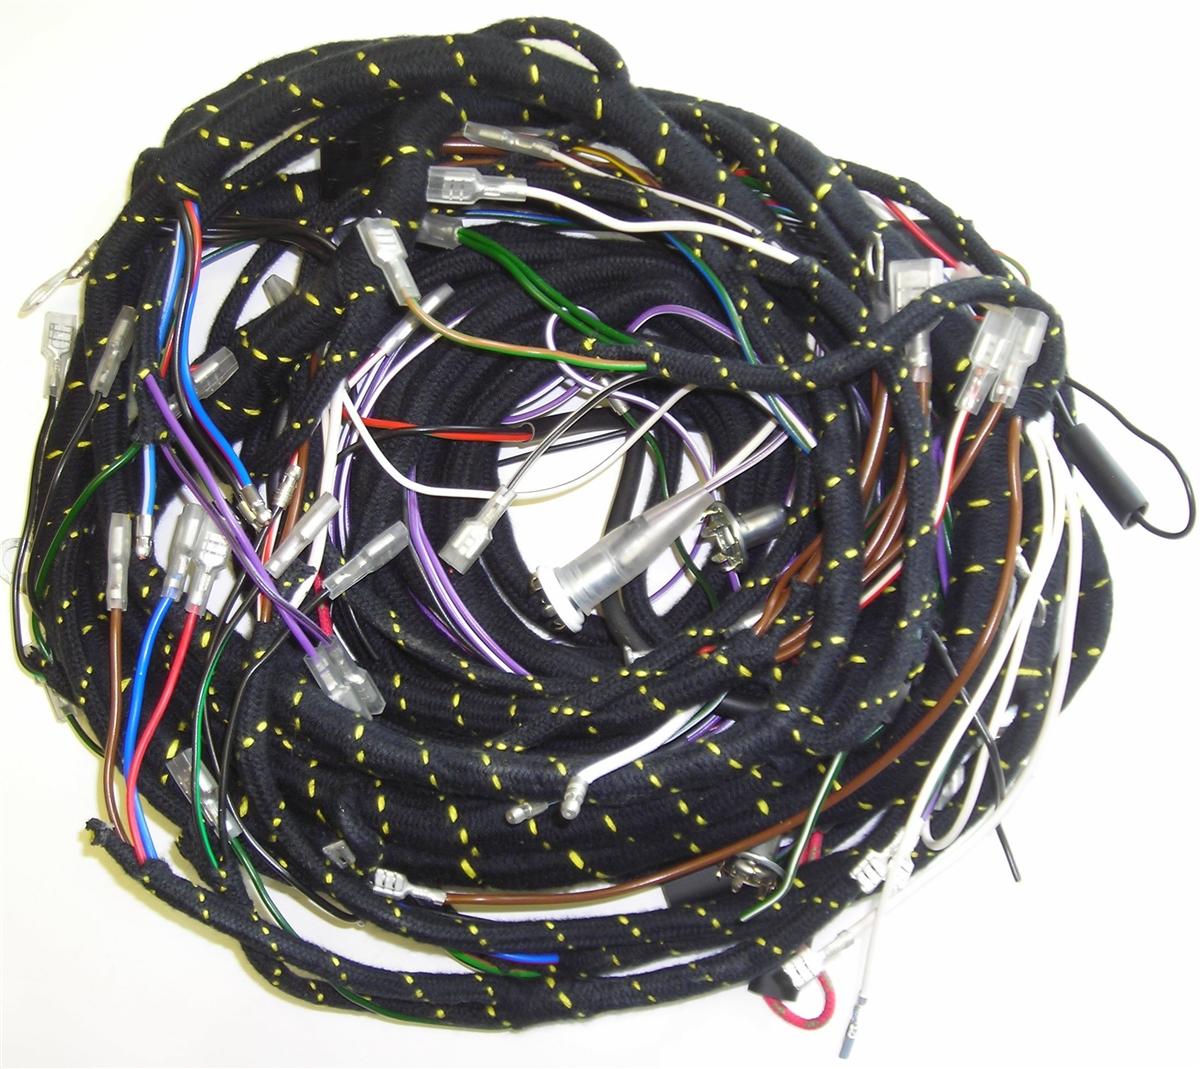 austin mini wiring diagram vga cable 9 pin mk2 cooper s harness